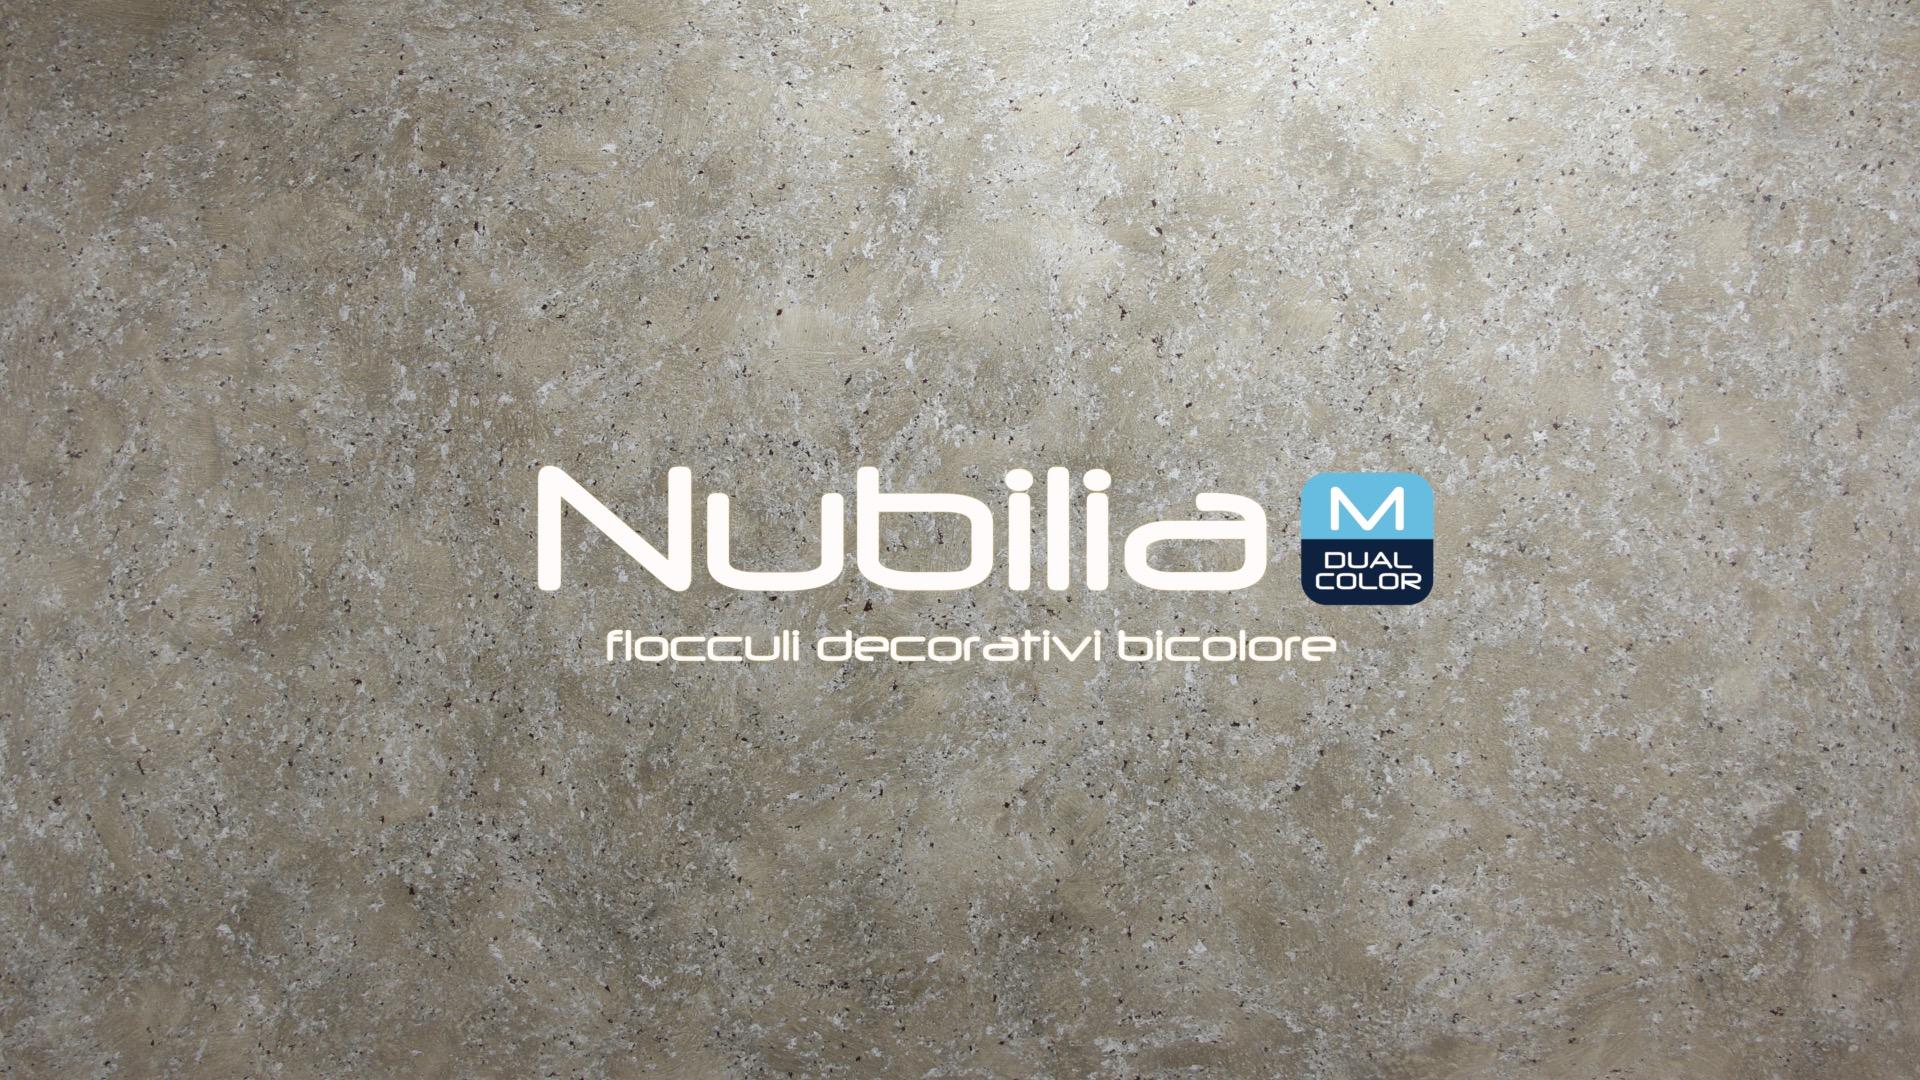 Nubilia_M_DC_Q3